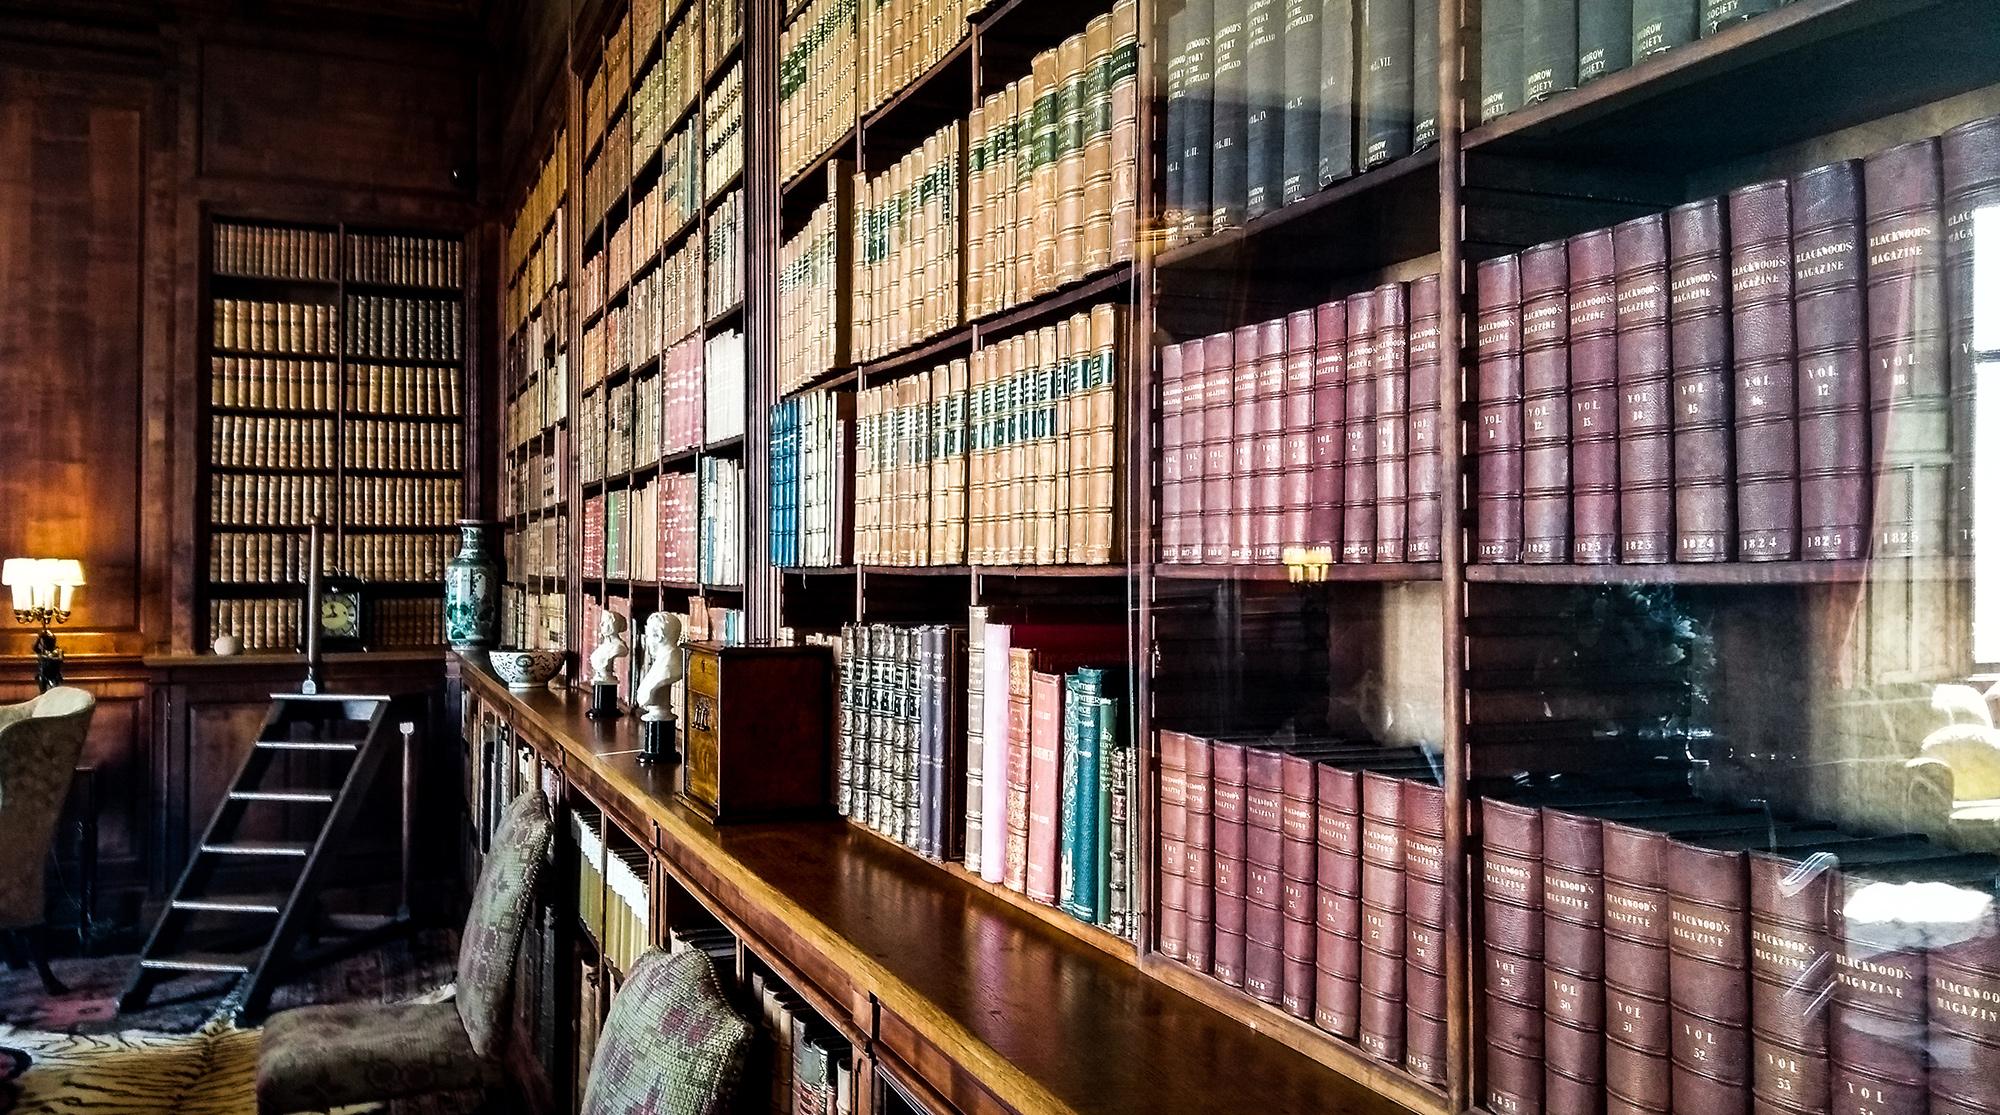 Mit dunklem Holz getäfelte Bibliothek mit alten Büchern im Dunrobin Castle